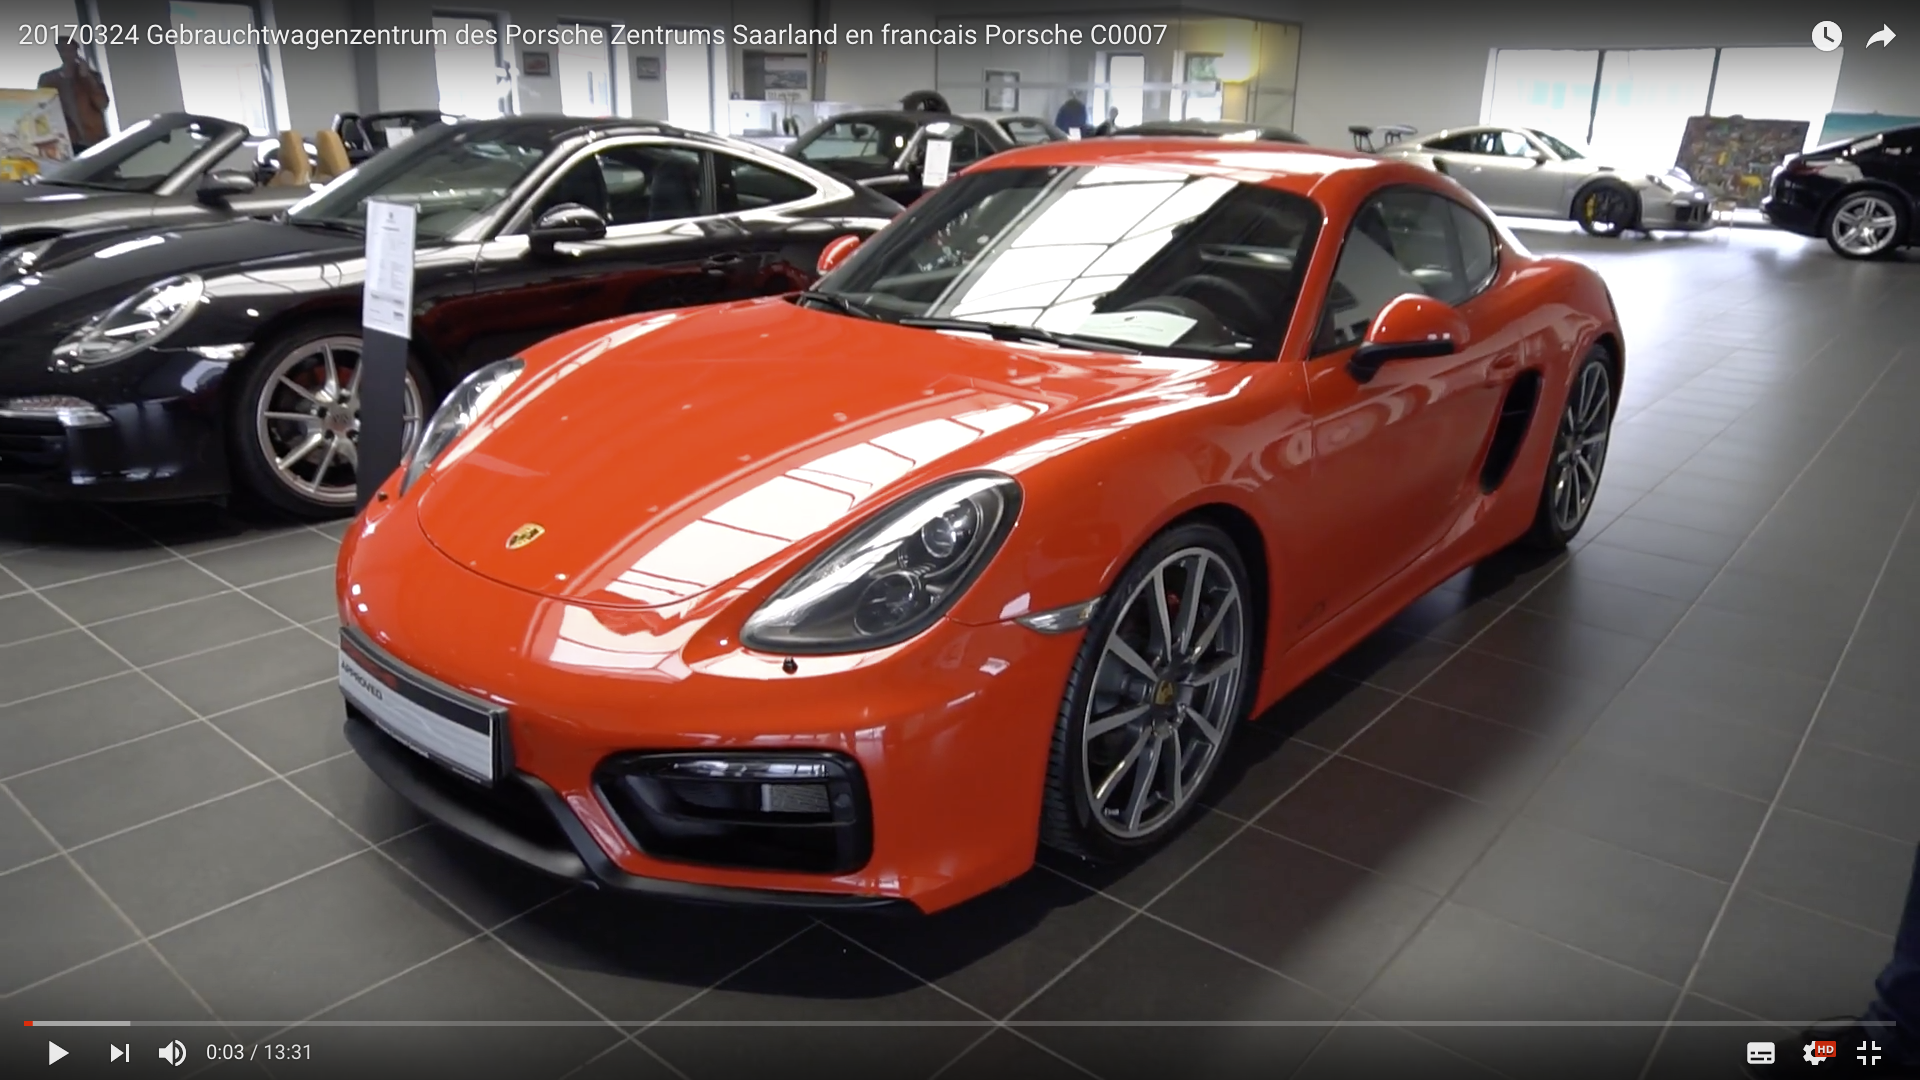 2017 Gebrauchtwagenzentrum des Porsche Zentrums Saarland Gebrauchtwagen 2 vorne _MSM_MEDIEN_SAAR_MOSEL_SAARLAND_FERNSEHEN_1_ED_SAAR